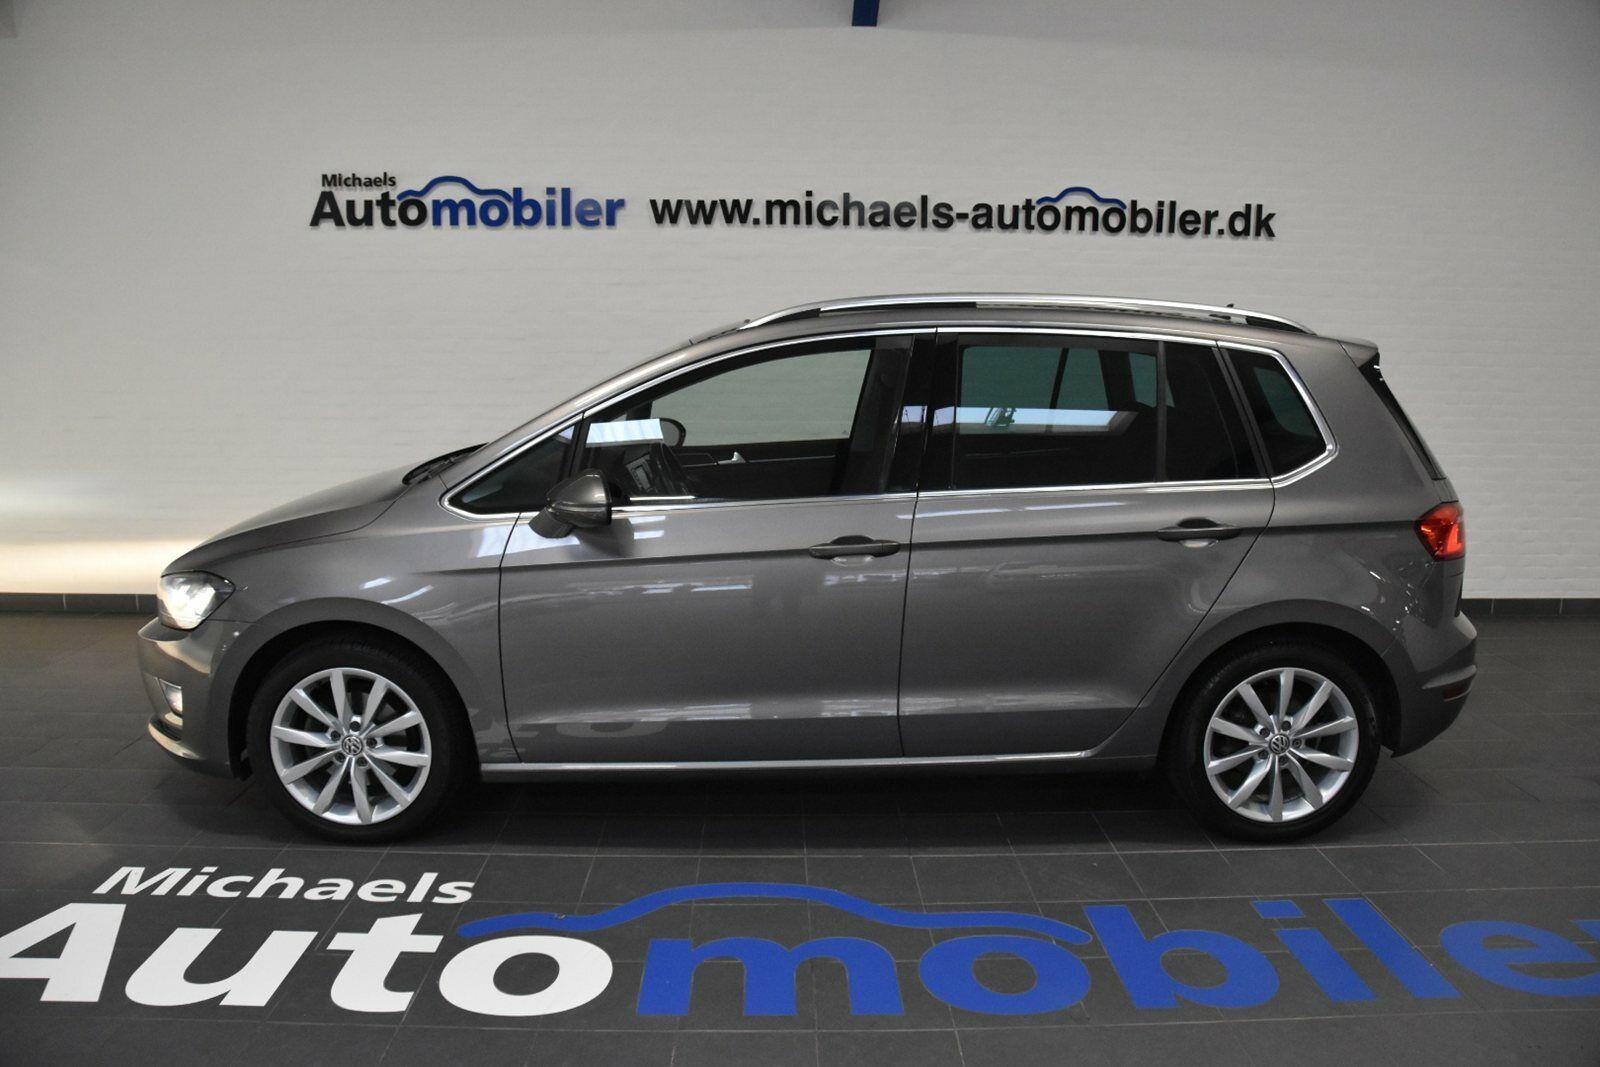 VW Golf Sportsvan 1,4 TSi 150 Highline DSG BMT 5d - 299.900 kr.